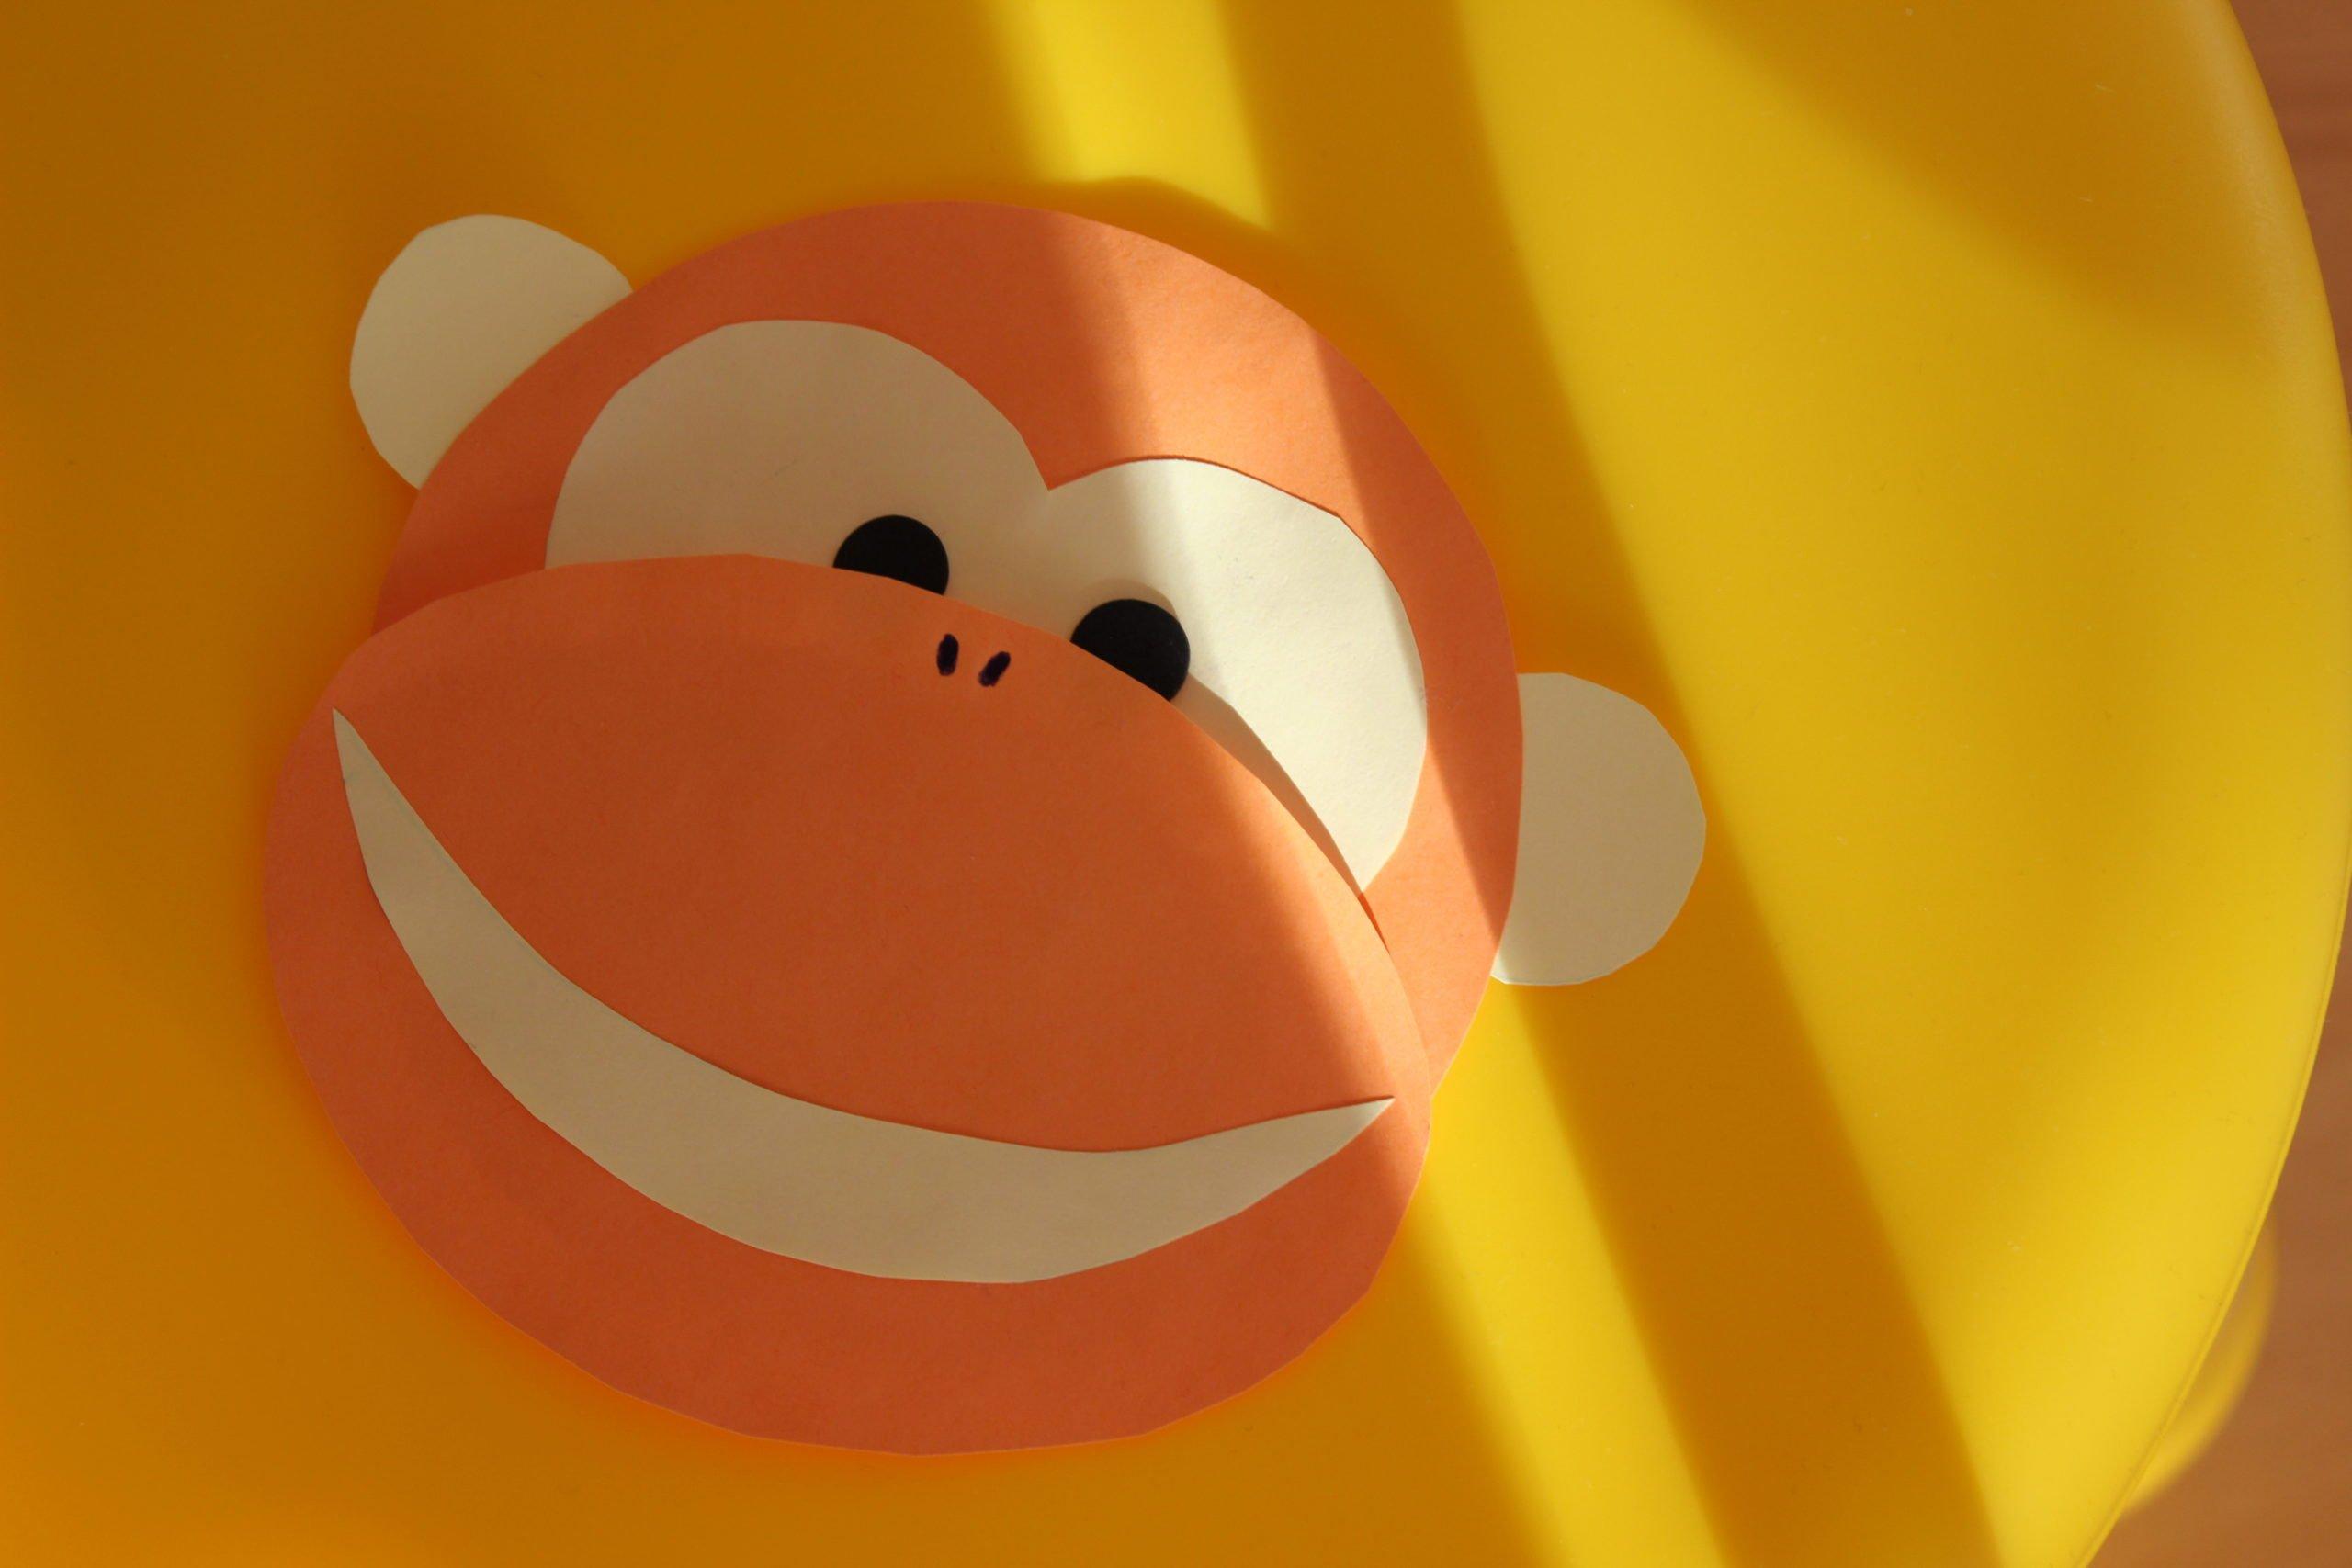 małpka z papieru zabawa dla dzieci